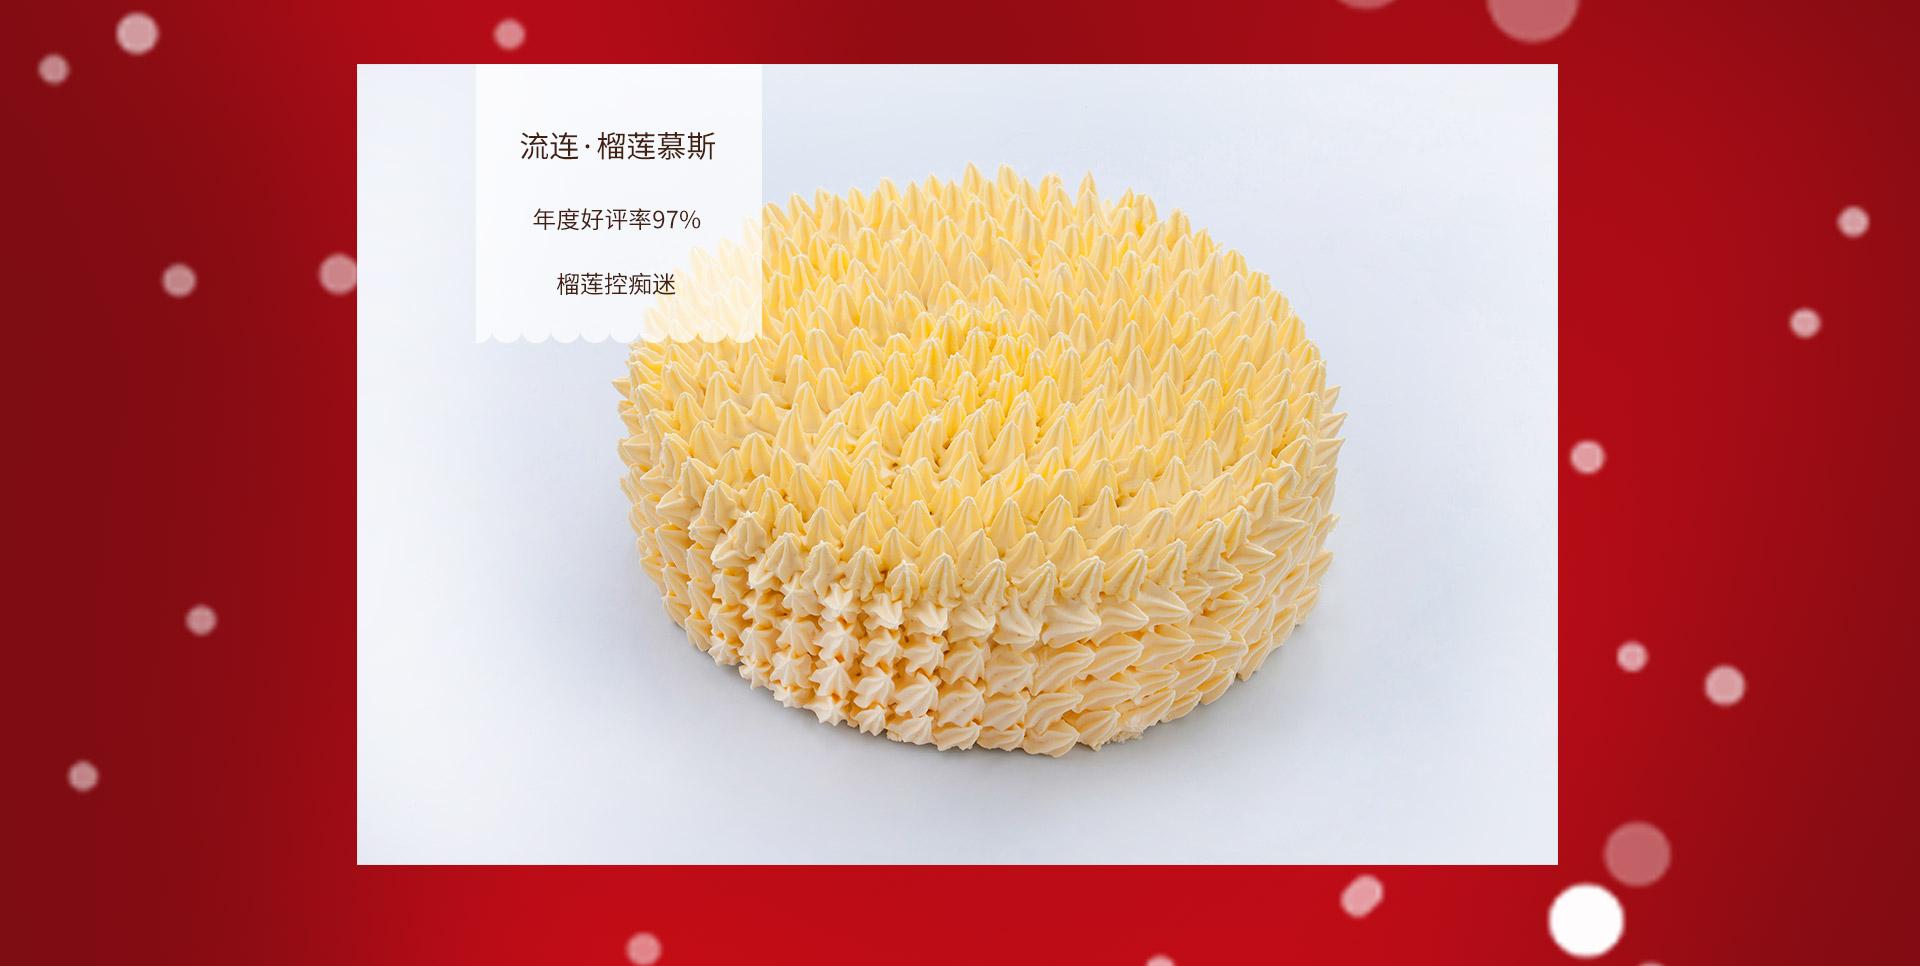 ebeecake小蜜蜂蛋糕 流连|榴莲慕斯蛋糕